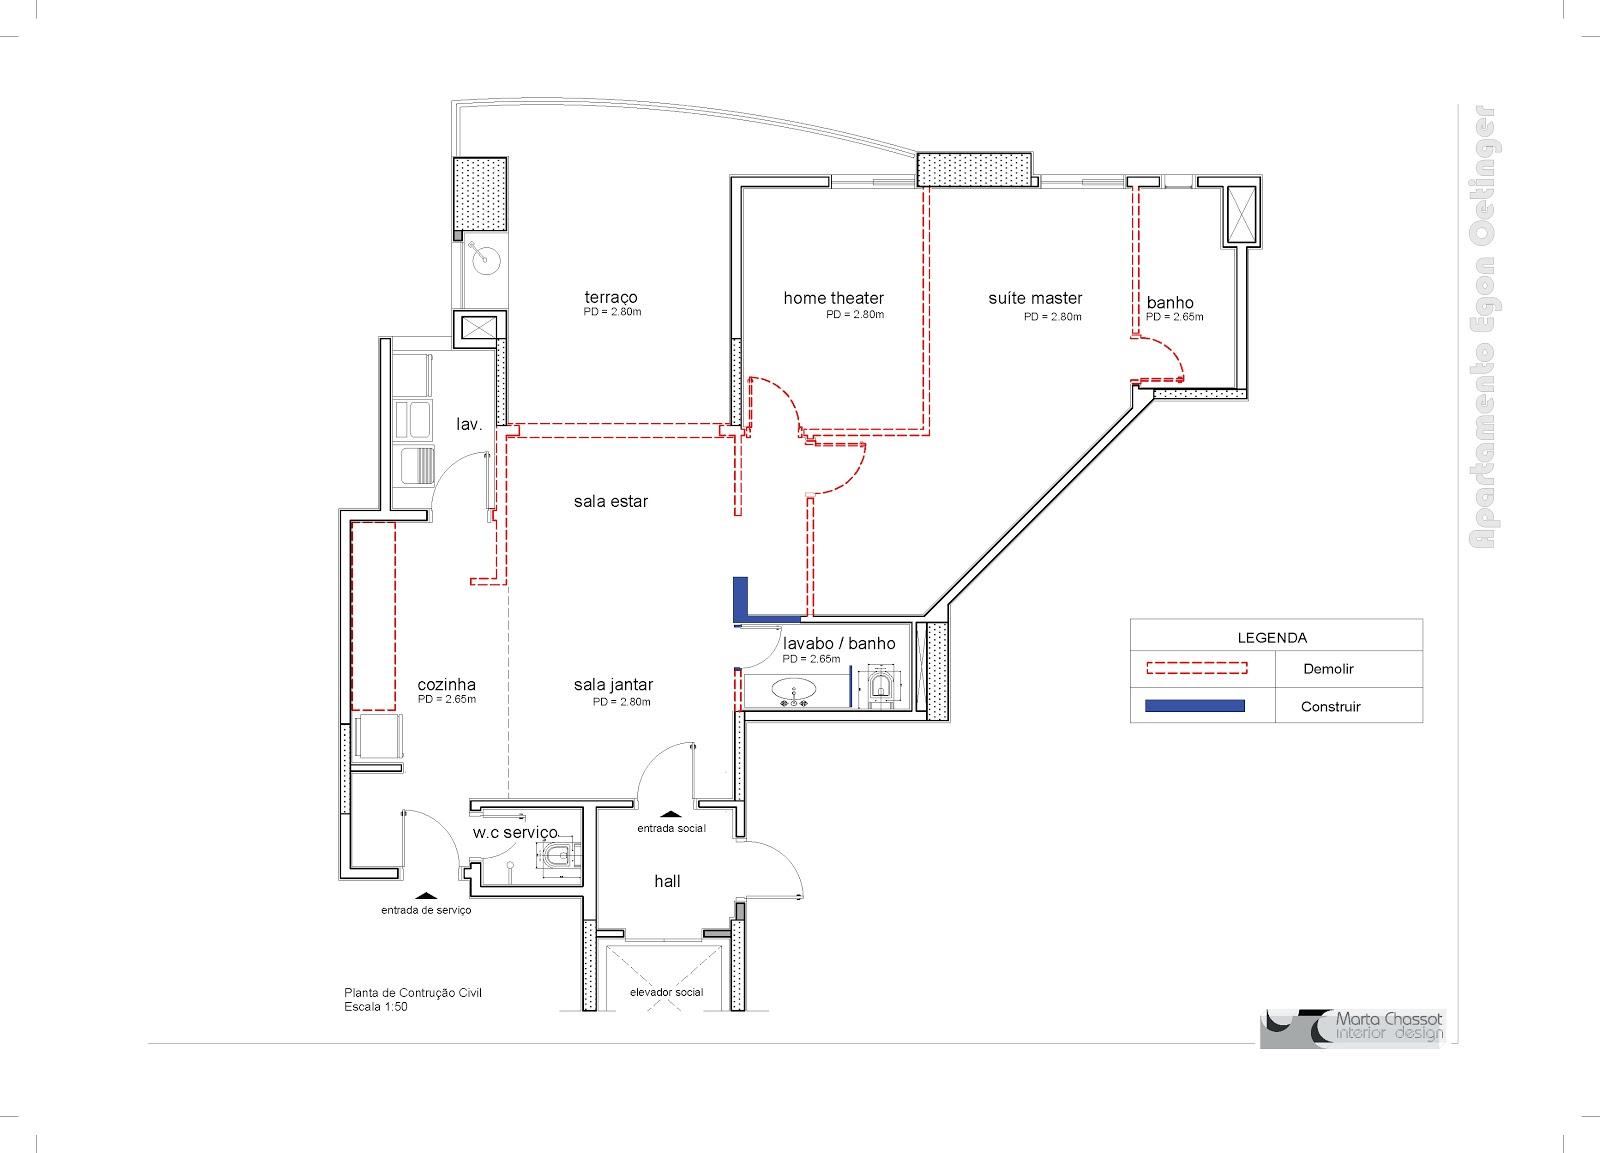 Sr. Egon Oetinger Projeto Executivo Design de Interiores #AF1C24 1600 1153